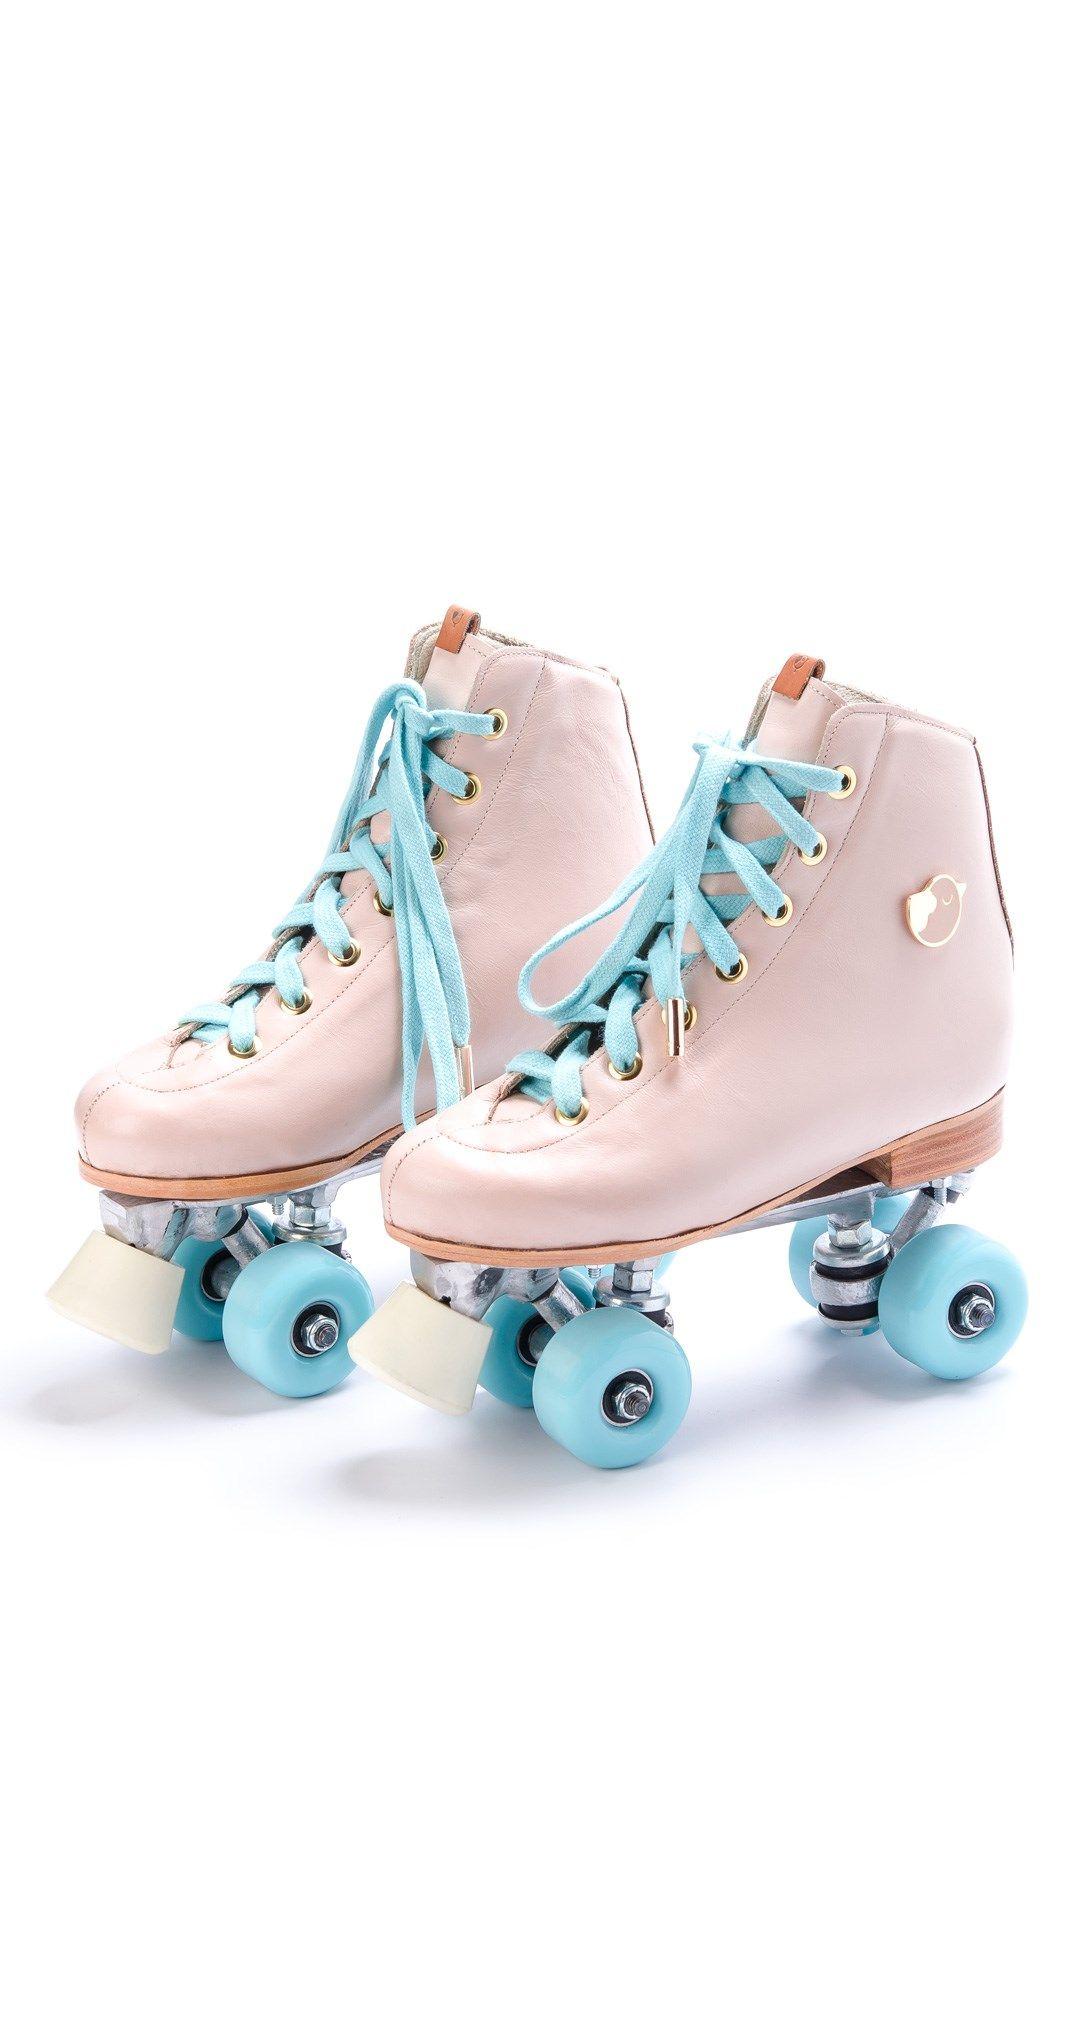 Achei fofos  ---  mas eu não sei andar de patins  -    Só coisas ... 9e63eaa9d7